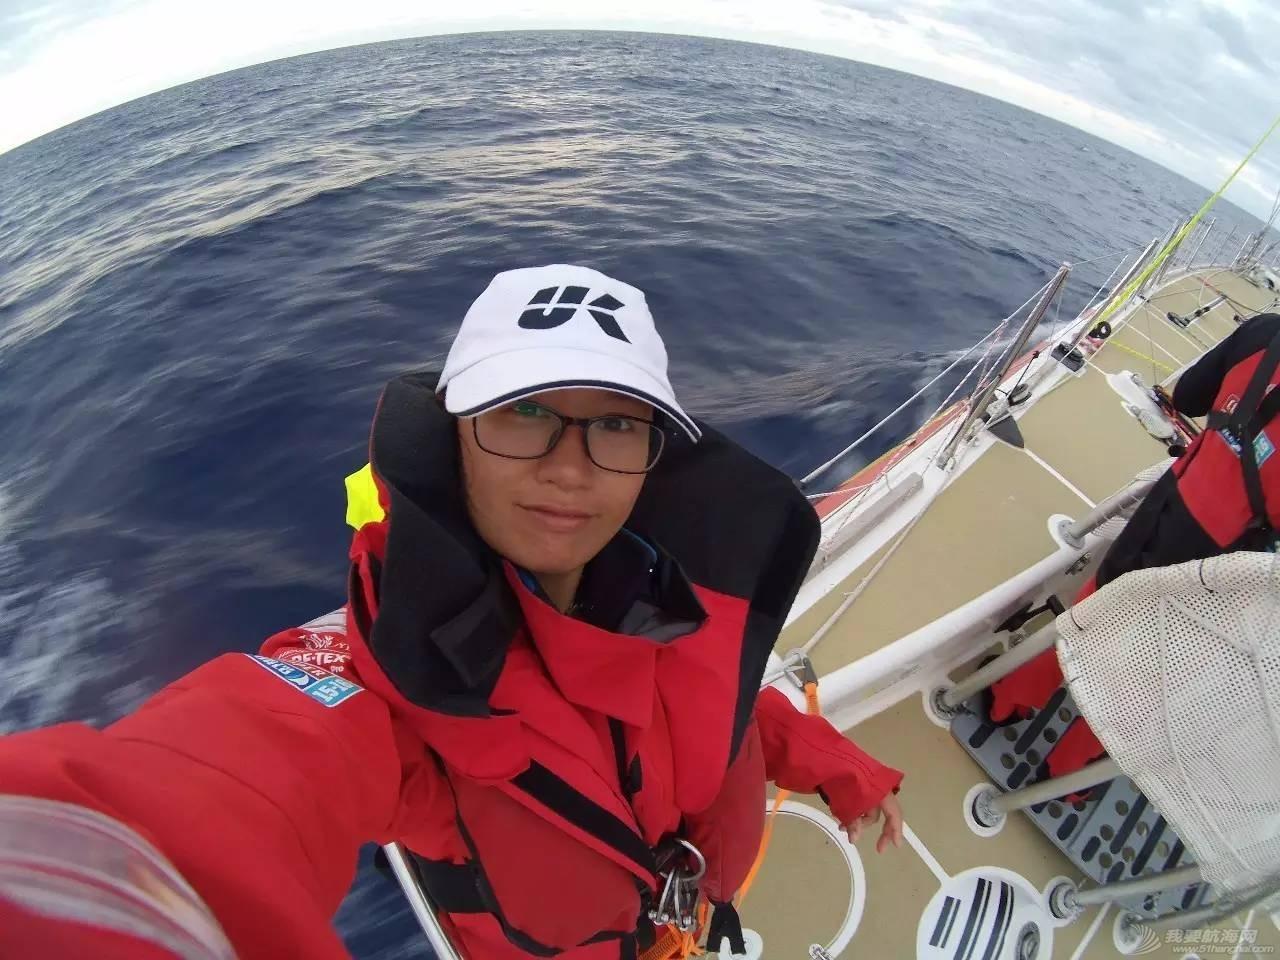 22岁她才见到海,27岁她在海上看世界 5087cdce78c1c5e967c5e40b248465b7.jpg